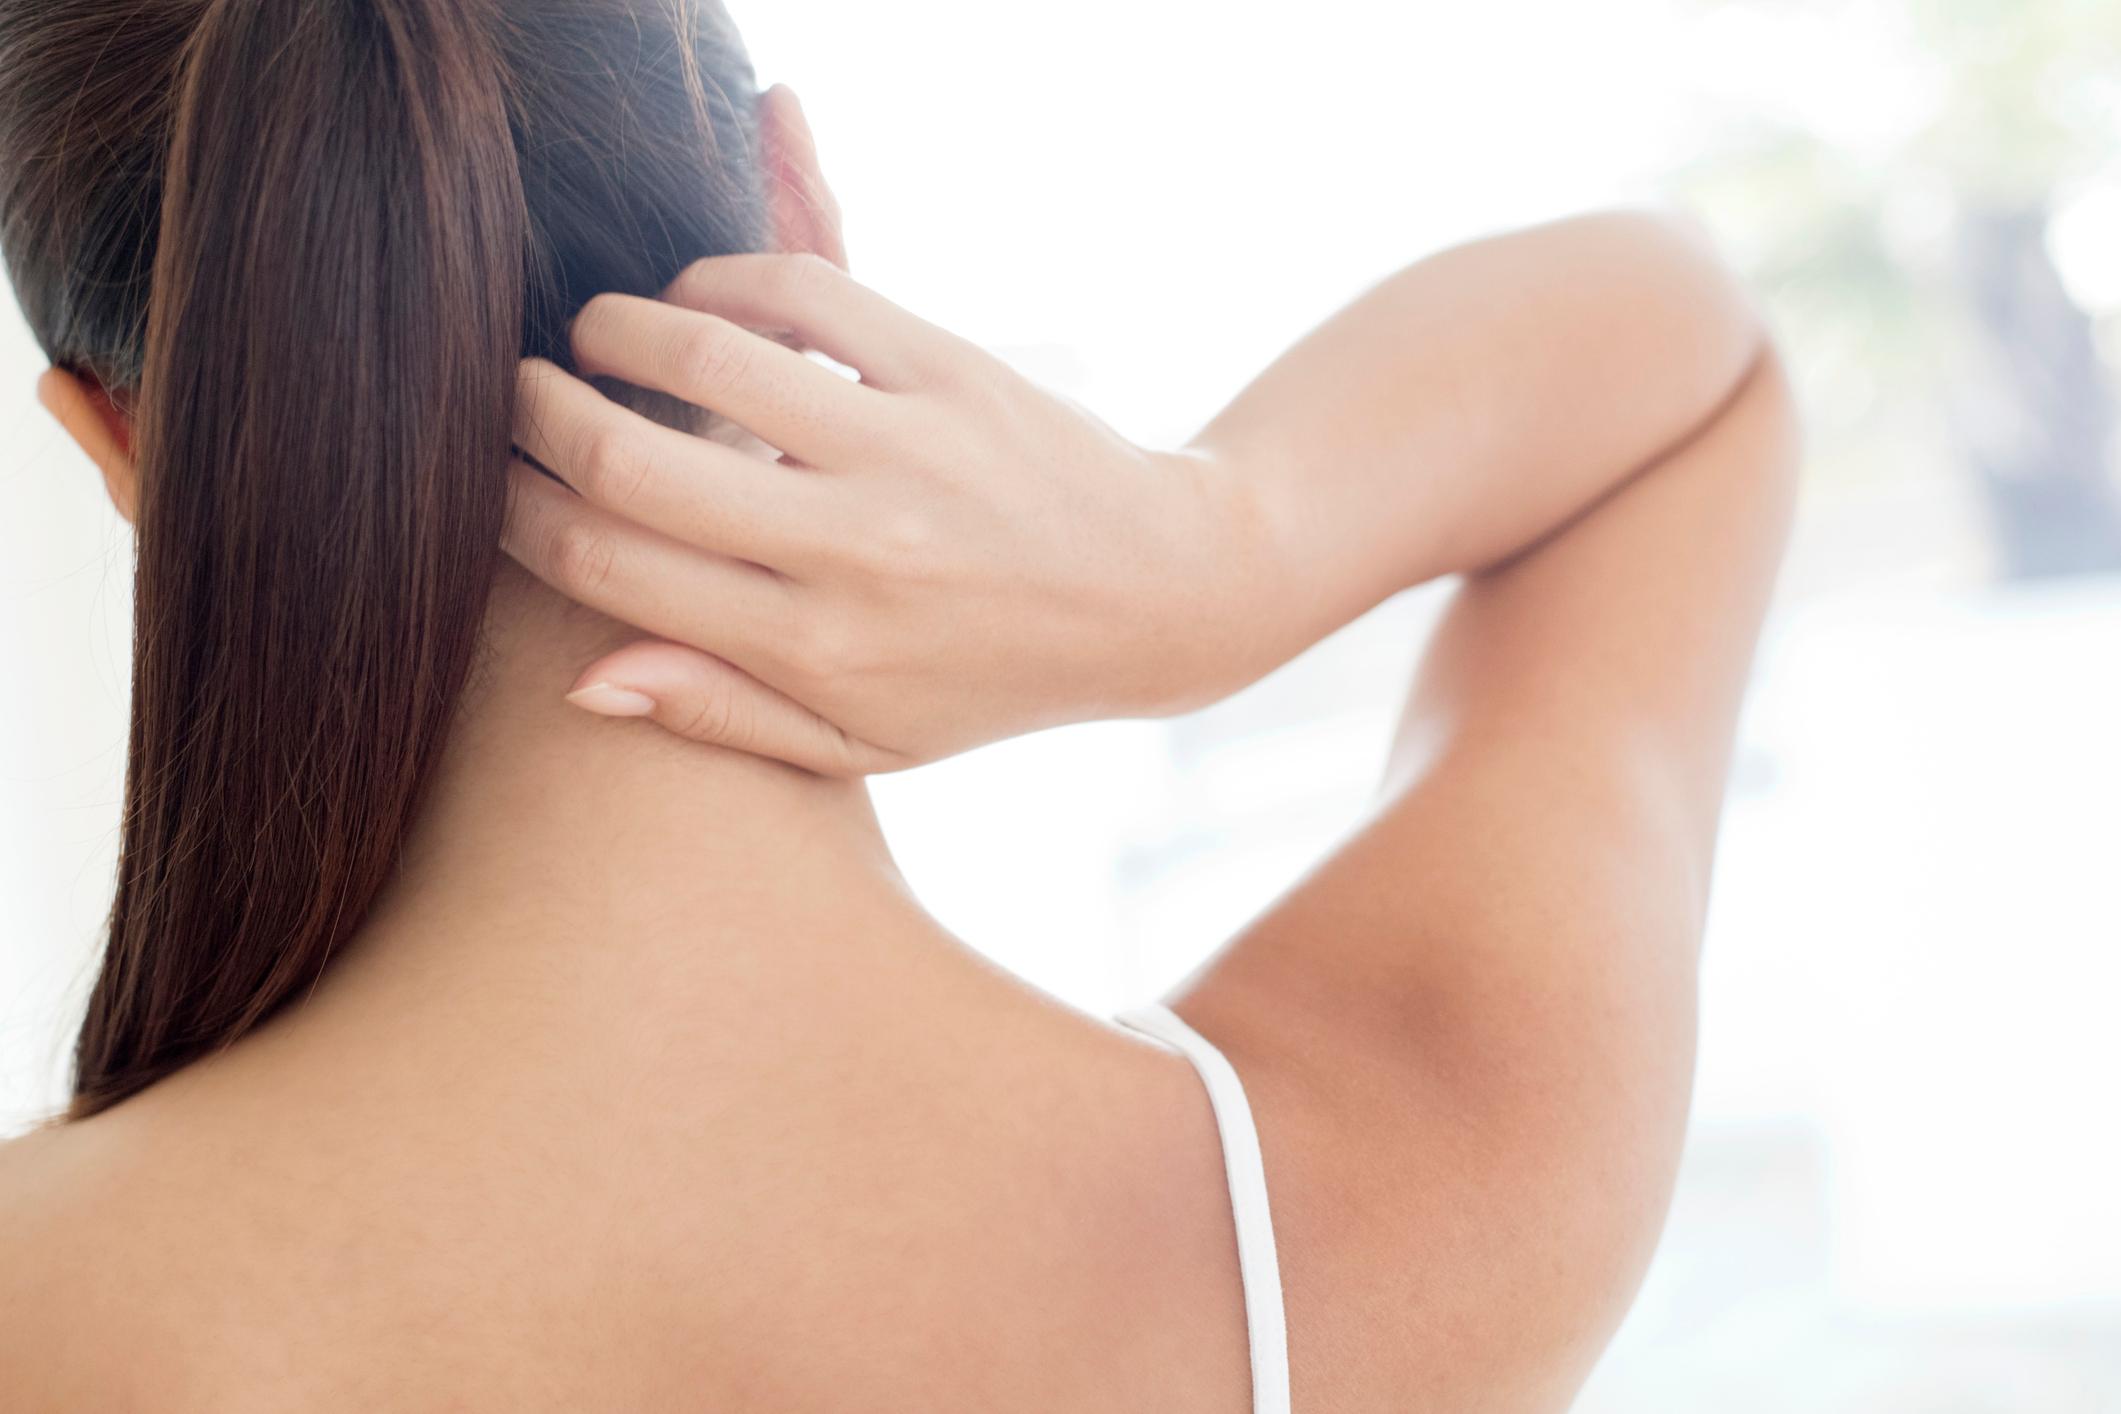 hogyan gyógyultam meg keményedéssel a pikkelysömöröt pikkelysömör tünetei hogyan kell kezelni